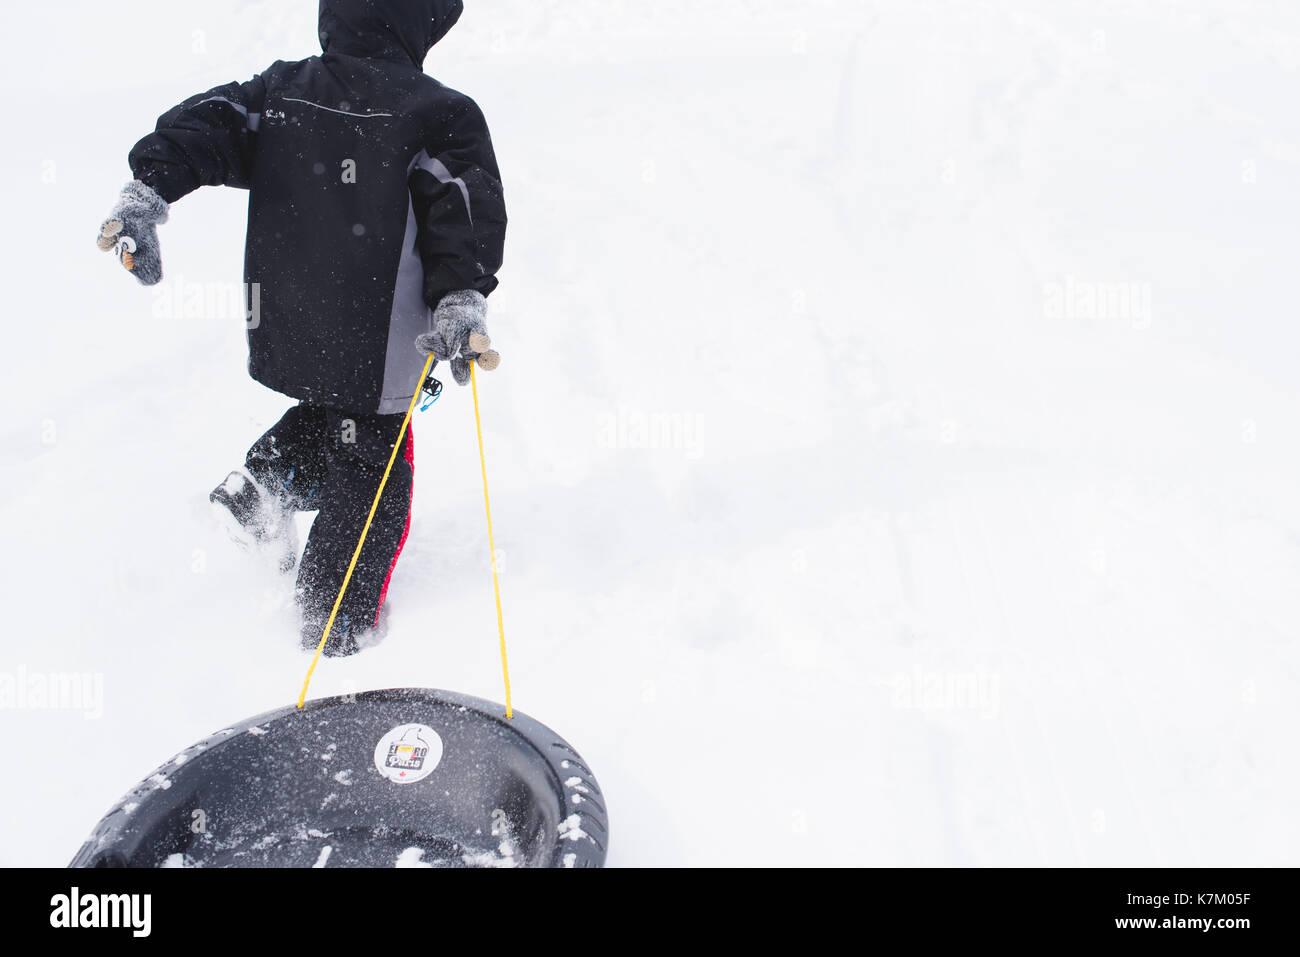 Joven tirando de un trineo de una colina cubierta de nieve en el invierno. Foto de stock